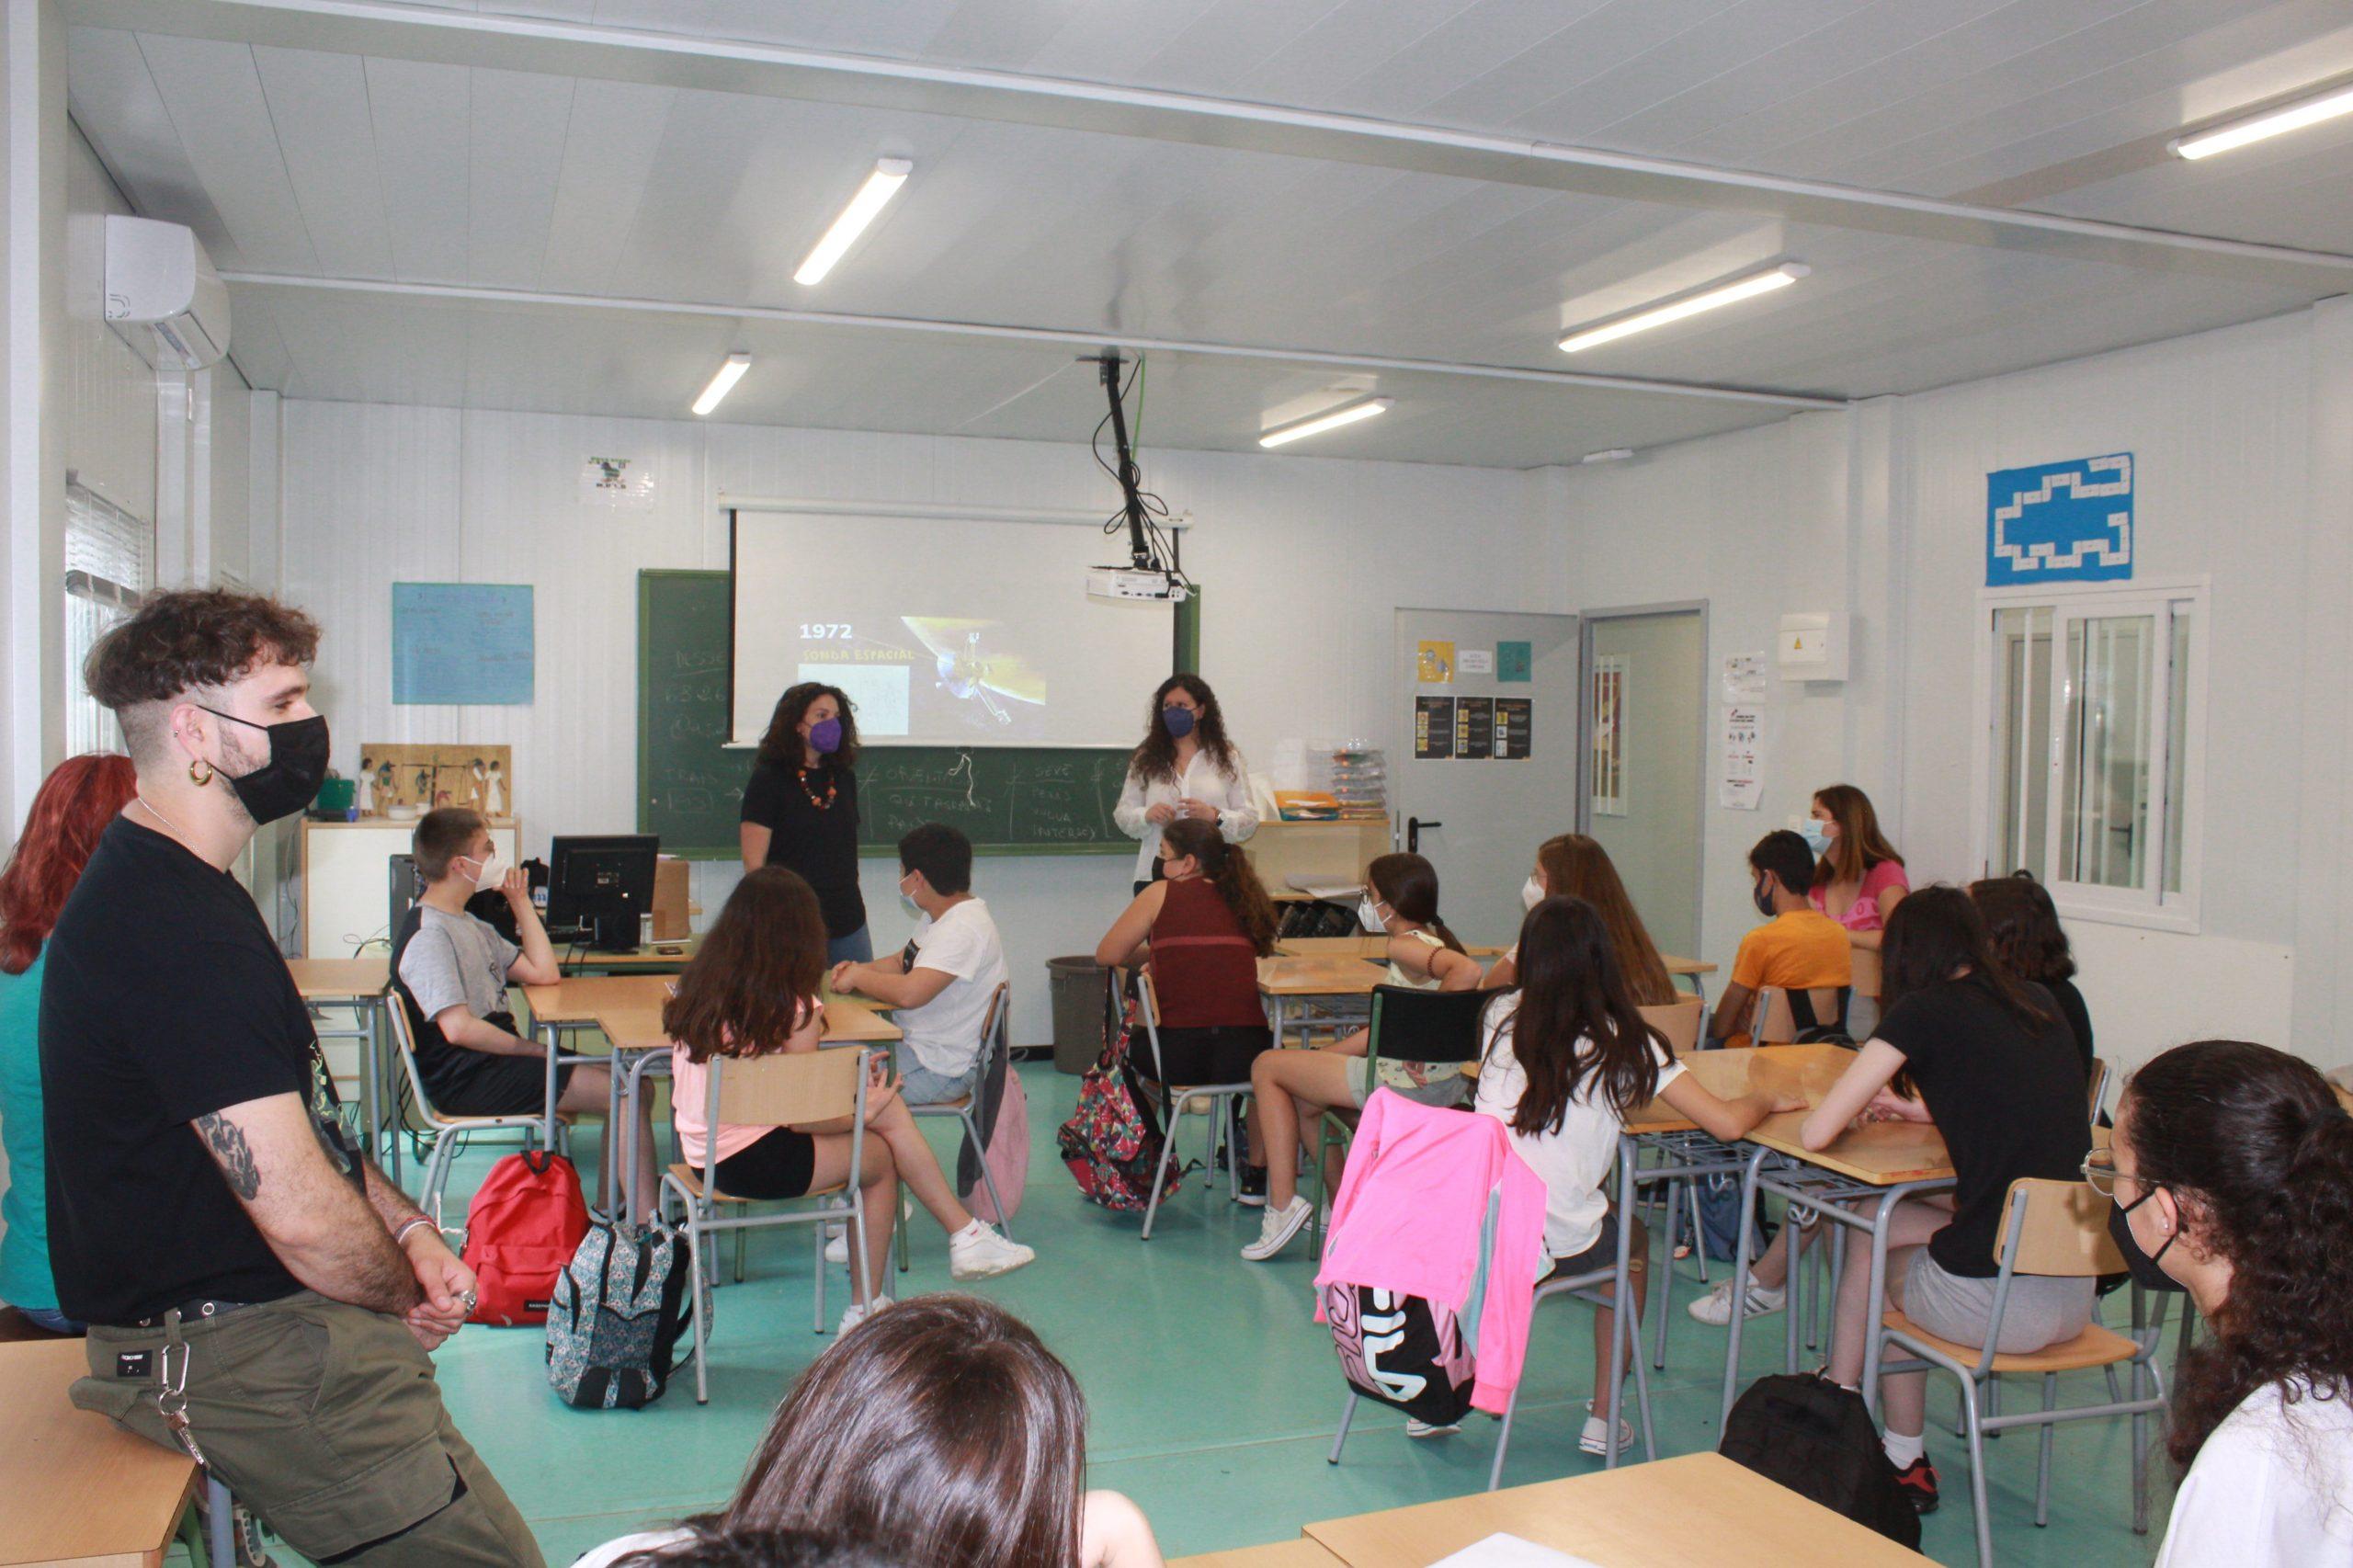 Más de 500 jóvenes de Burriana reciben información profesional y contrastada sobre relaciones afectivas y sexuales